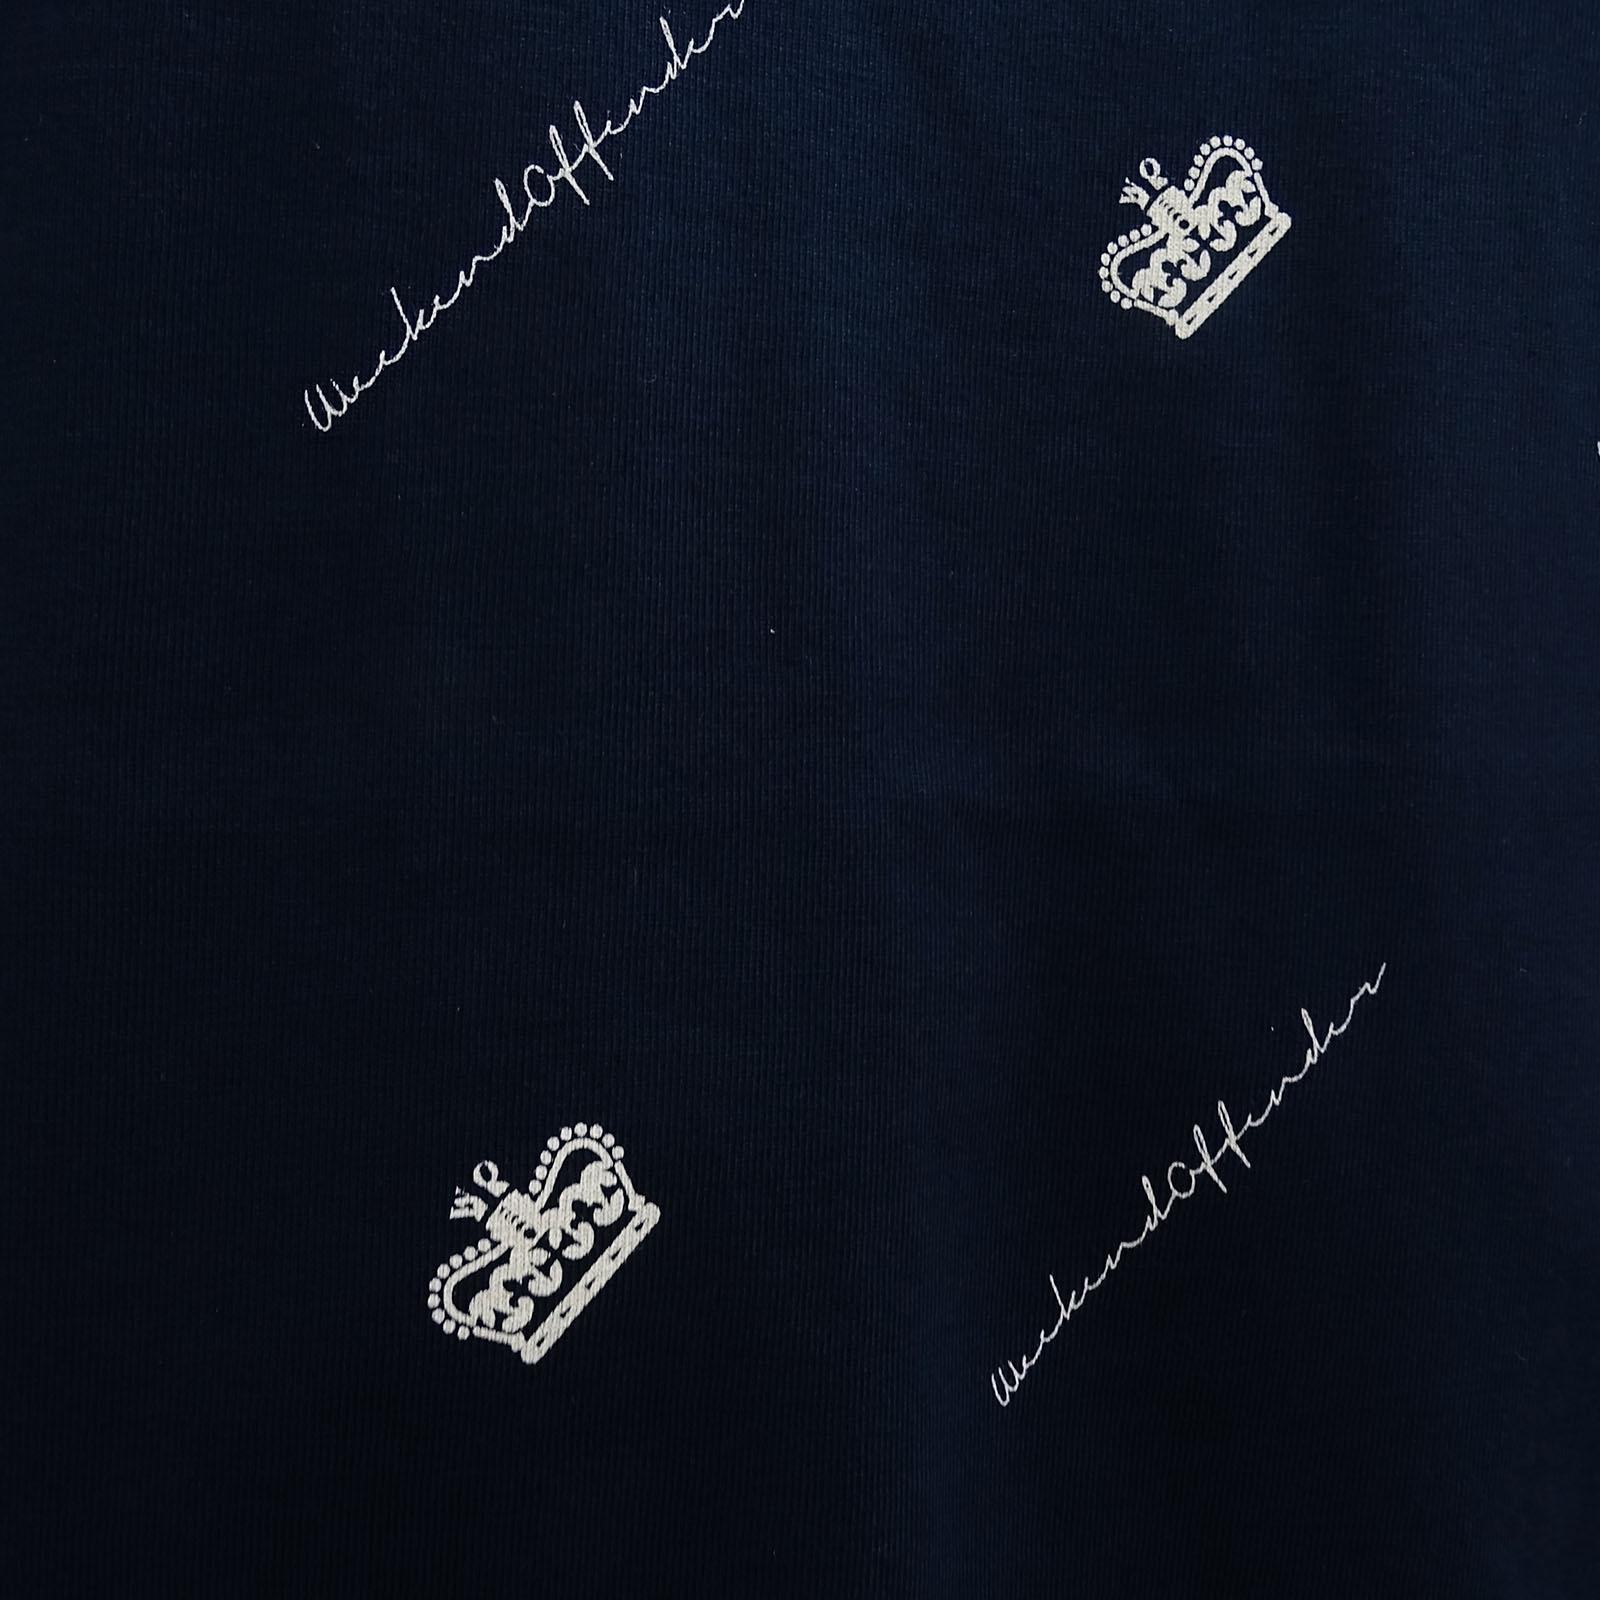 Weekend Offender T-Shirt T-Shirt T-Shirt - Mens Fashion T Shirts - S M L XL XXL | Verrückter Preis  | Wunderbar  574c0b